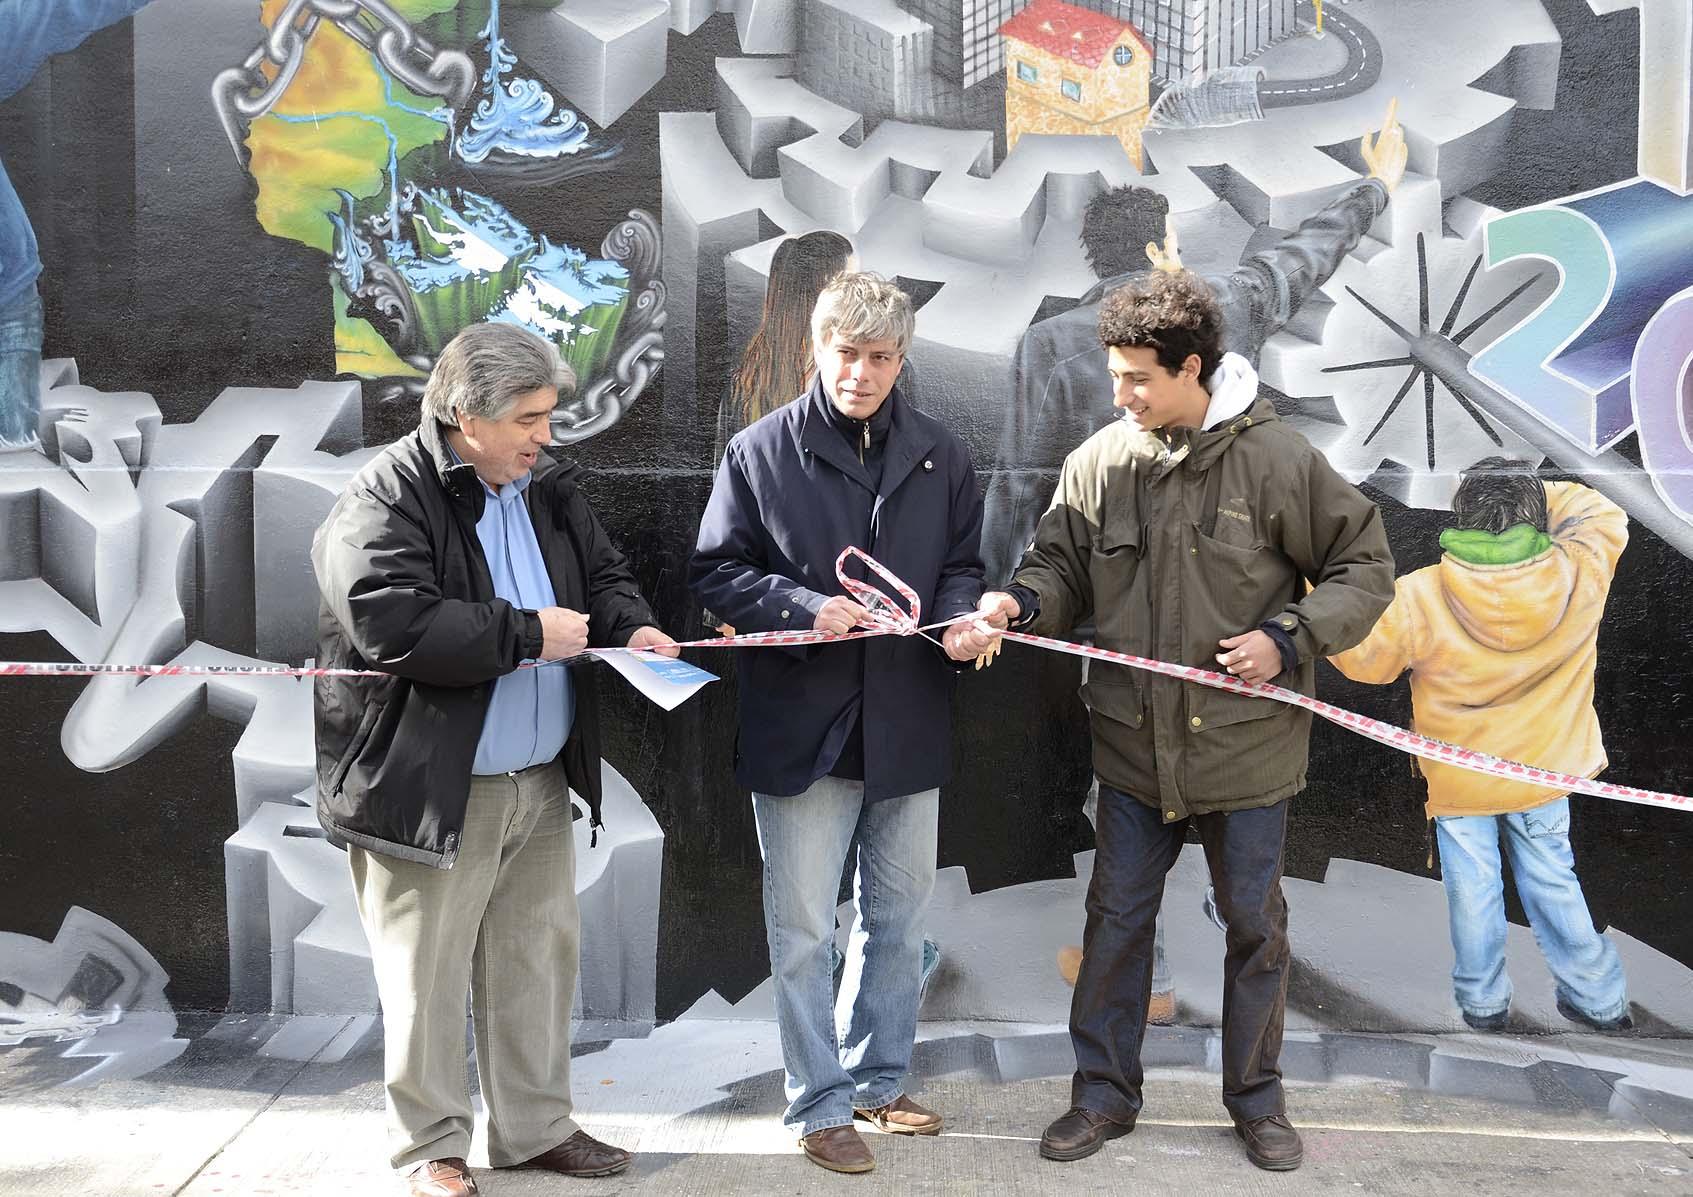 Se Inaugur El Mural M S Alto De Mar Del Plata Luz Y